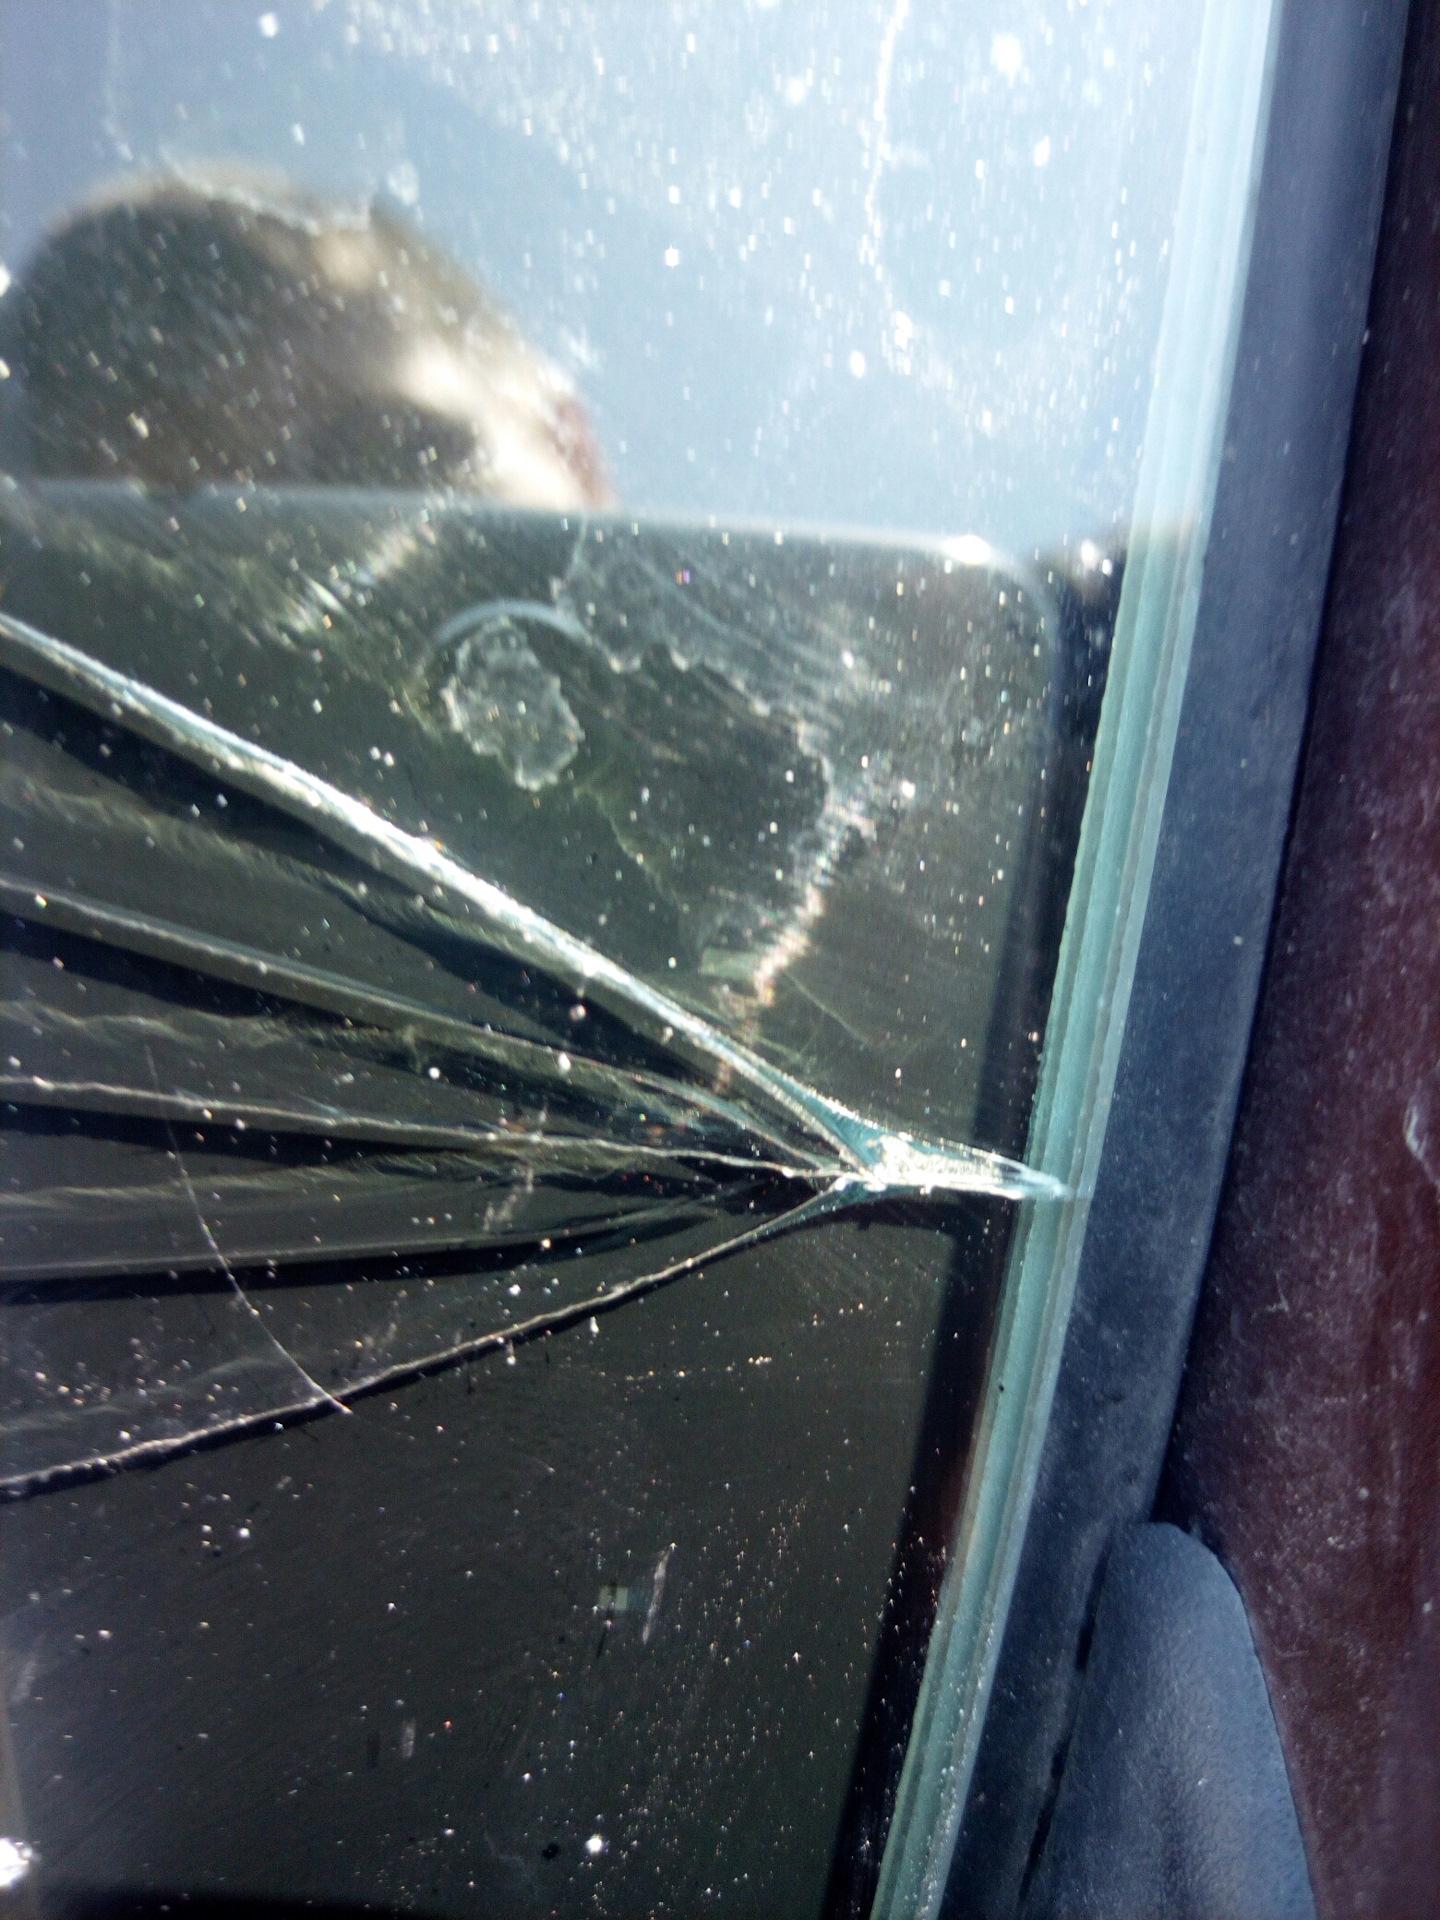 Меняют ли по каско лобовое стекло с трещиной от попадания камня автомобиля